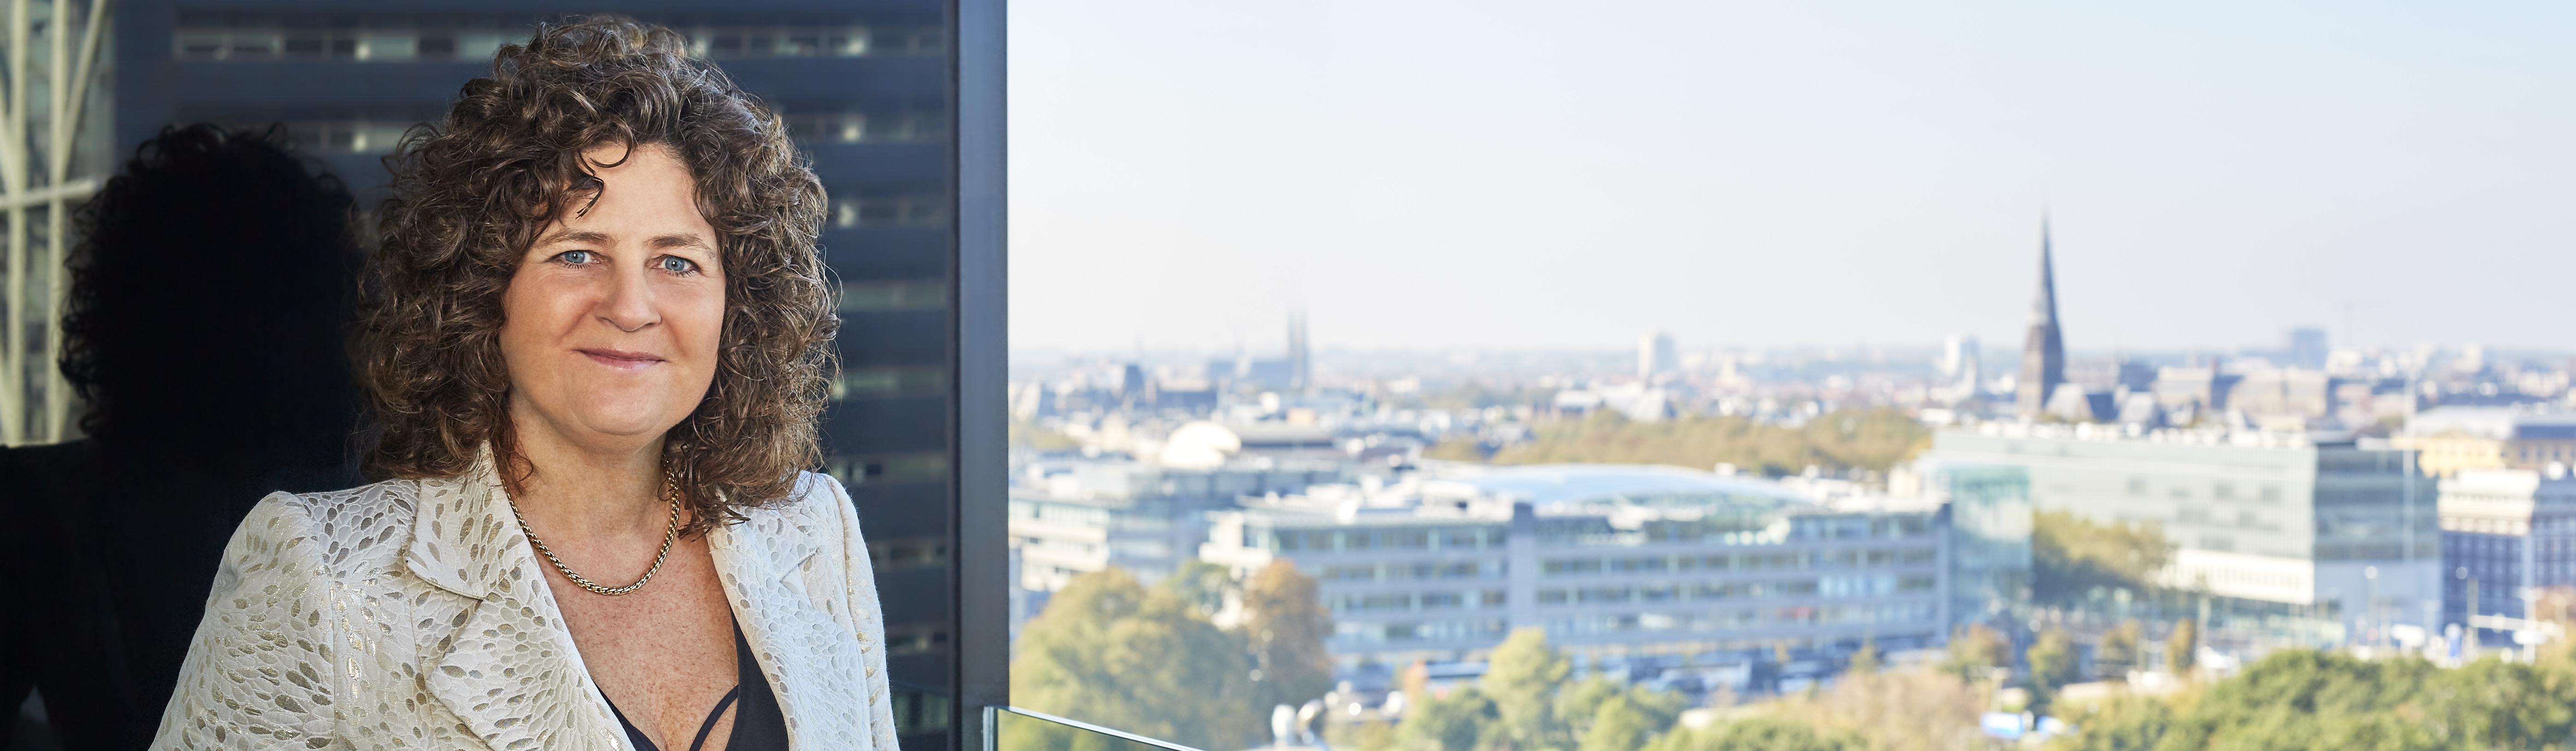 Liesbeth Schippers, advocaat Pels Rijcken